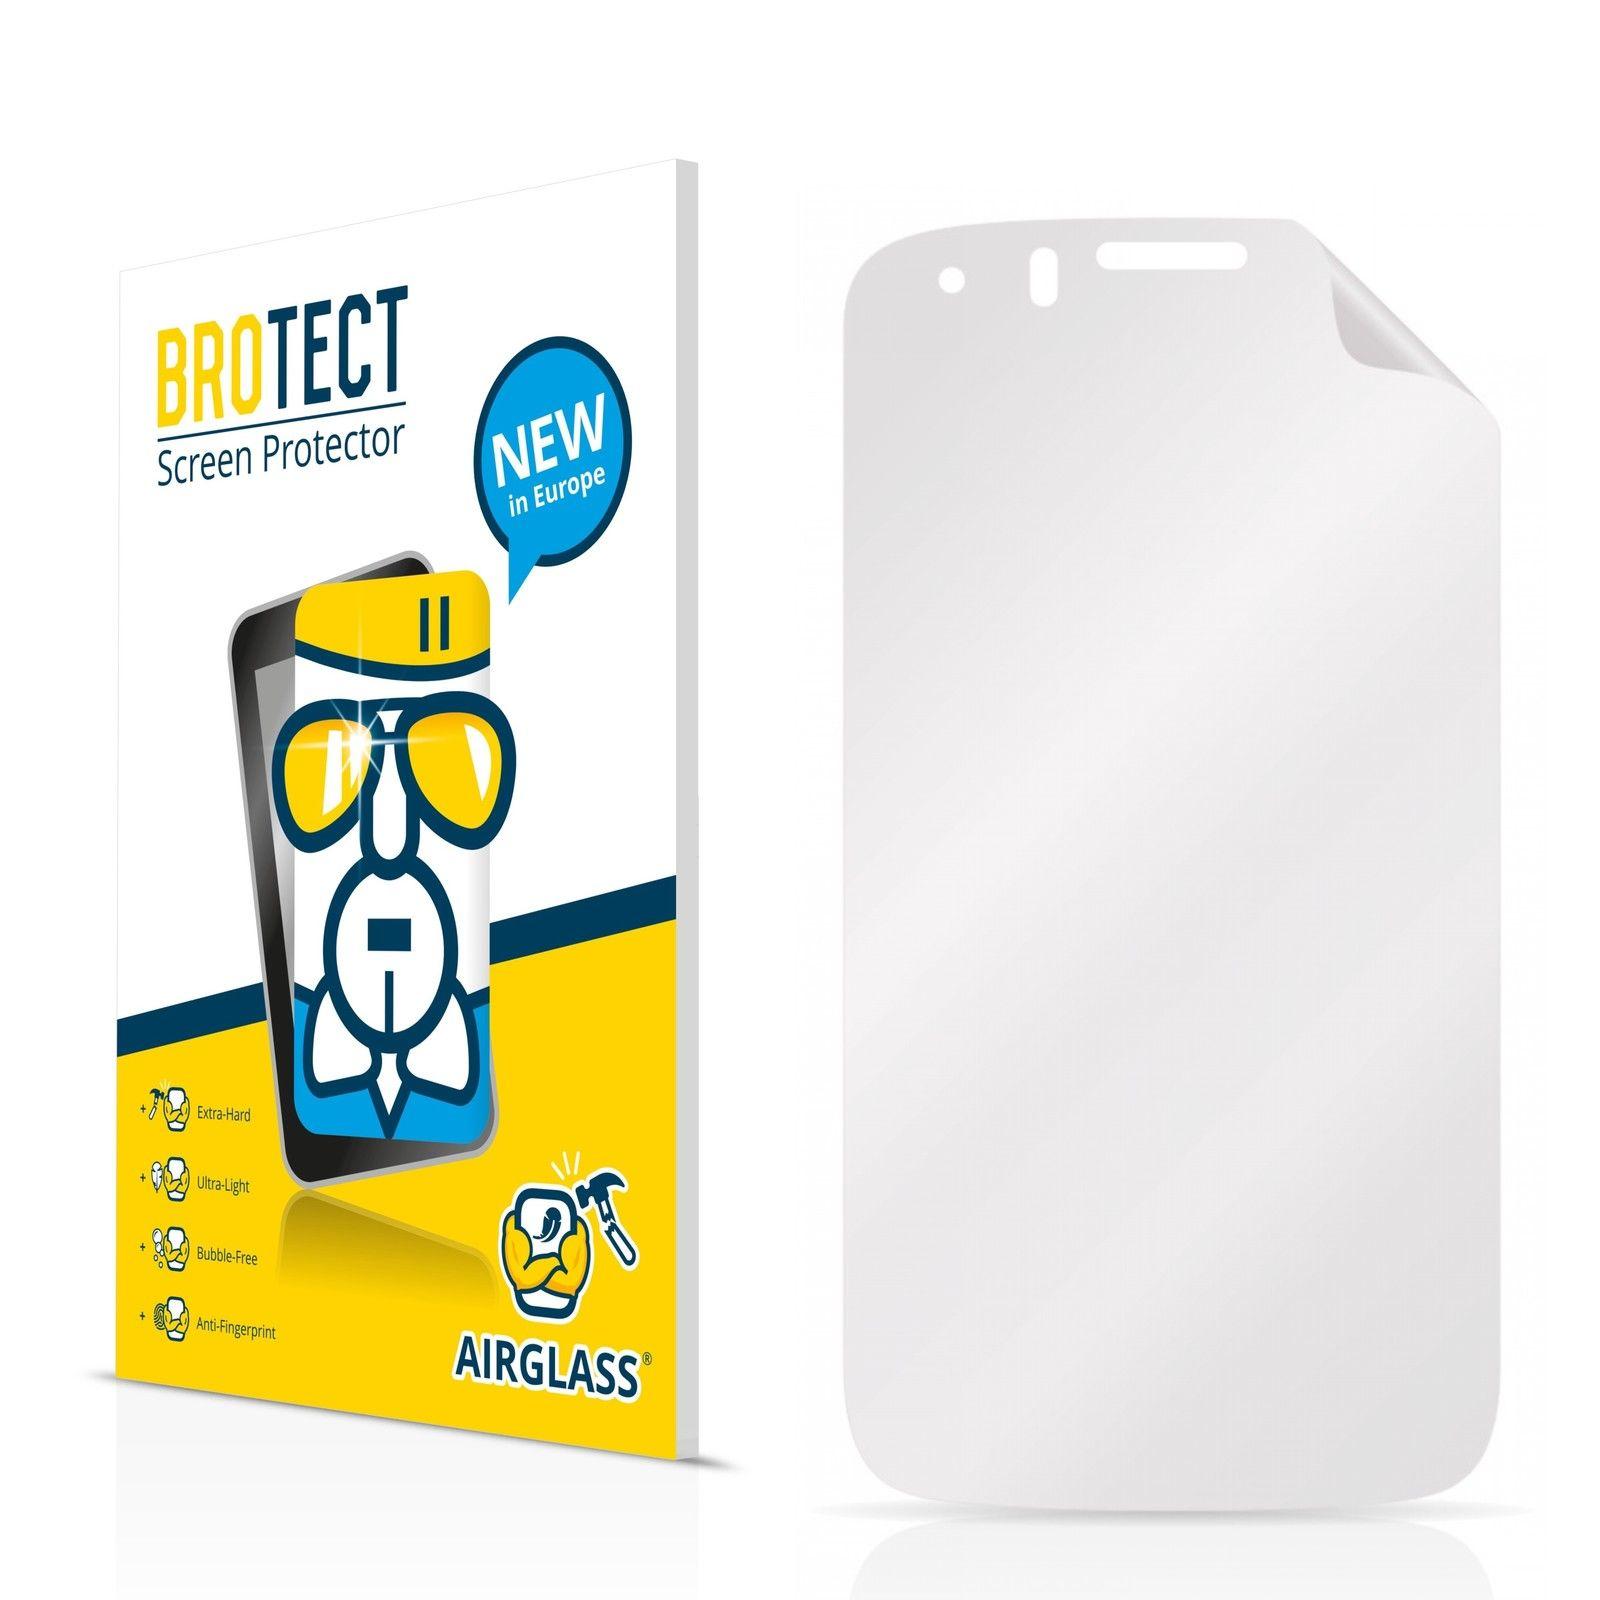 Extra tvrzená ochranná fólie (tvrzené sklo) AirGlass Brotec na LCD pro Prestigio MultiPhone 4055 DUO